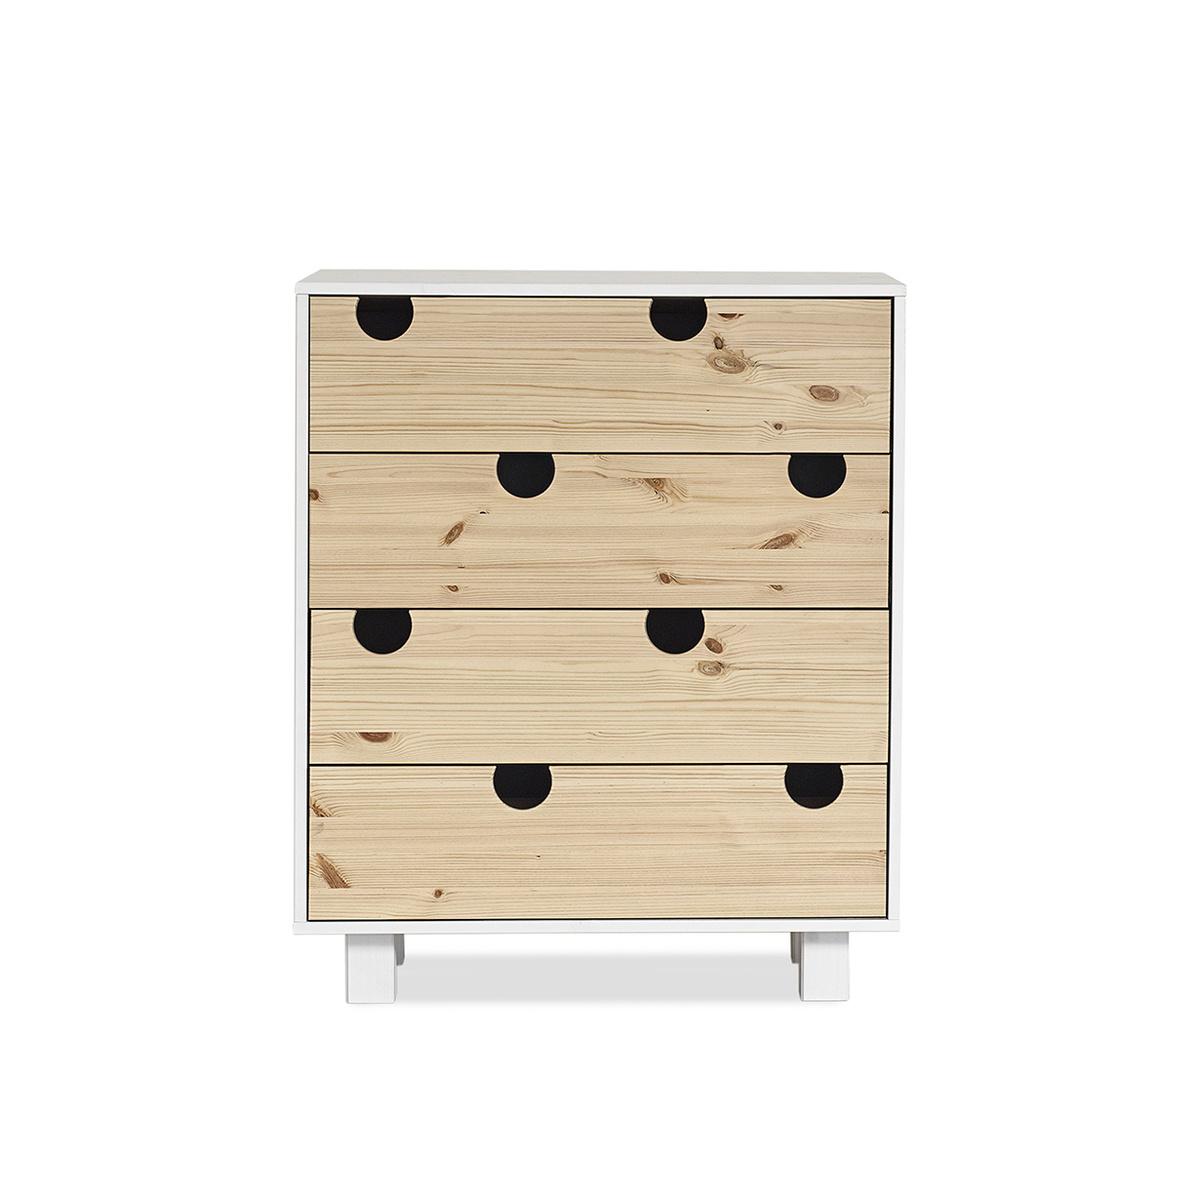 Cabinet cu 4 sertare House White/Nature, l40xL75xh90 cm title=Cabinet cu 4 sertare House White/Nature, l40xL75xh90 cm